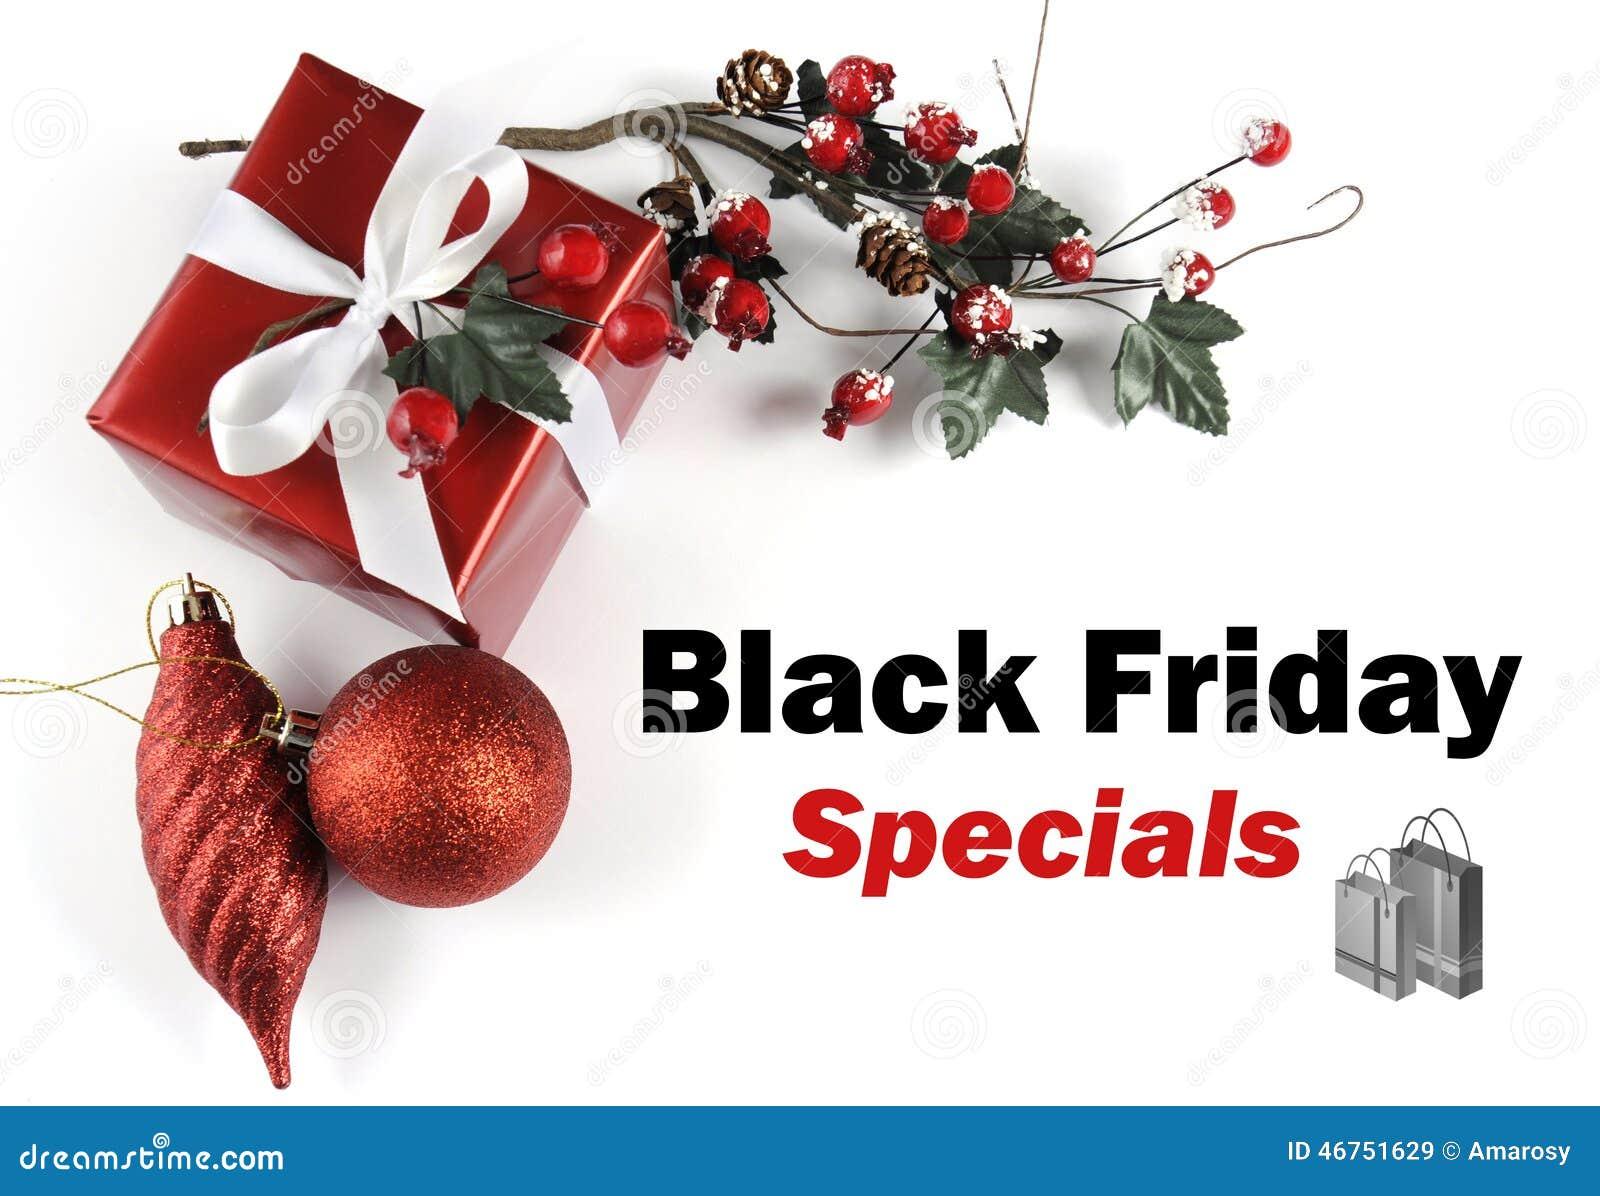 De groet van het de verkoopbericht van Black Friday Specials met Kerstmisdecoratie